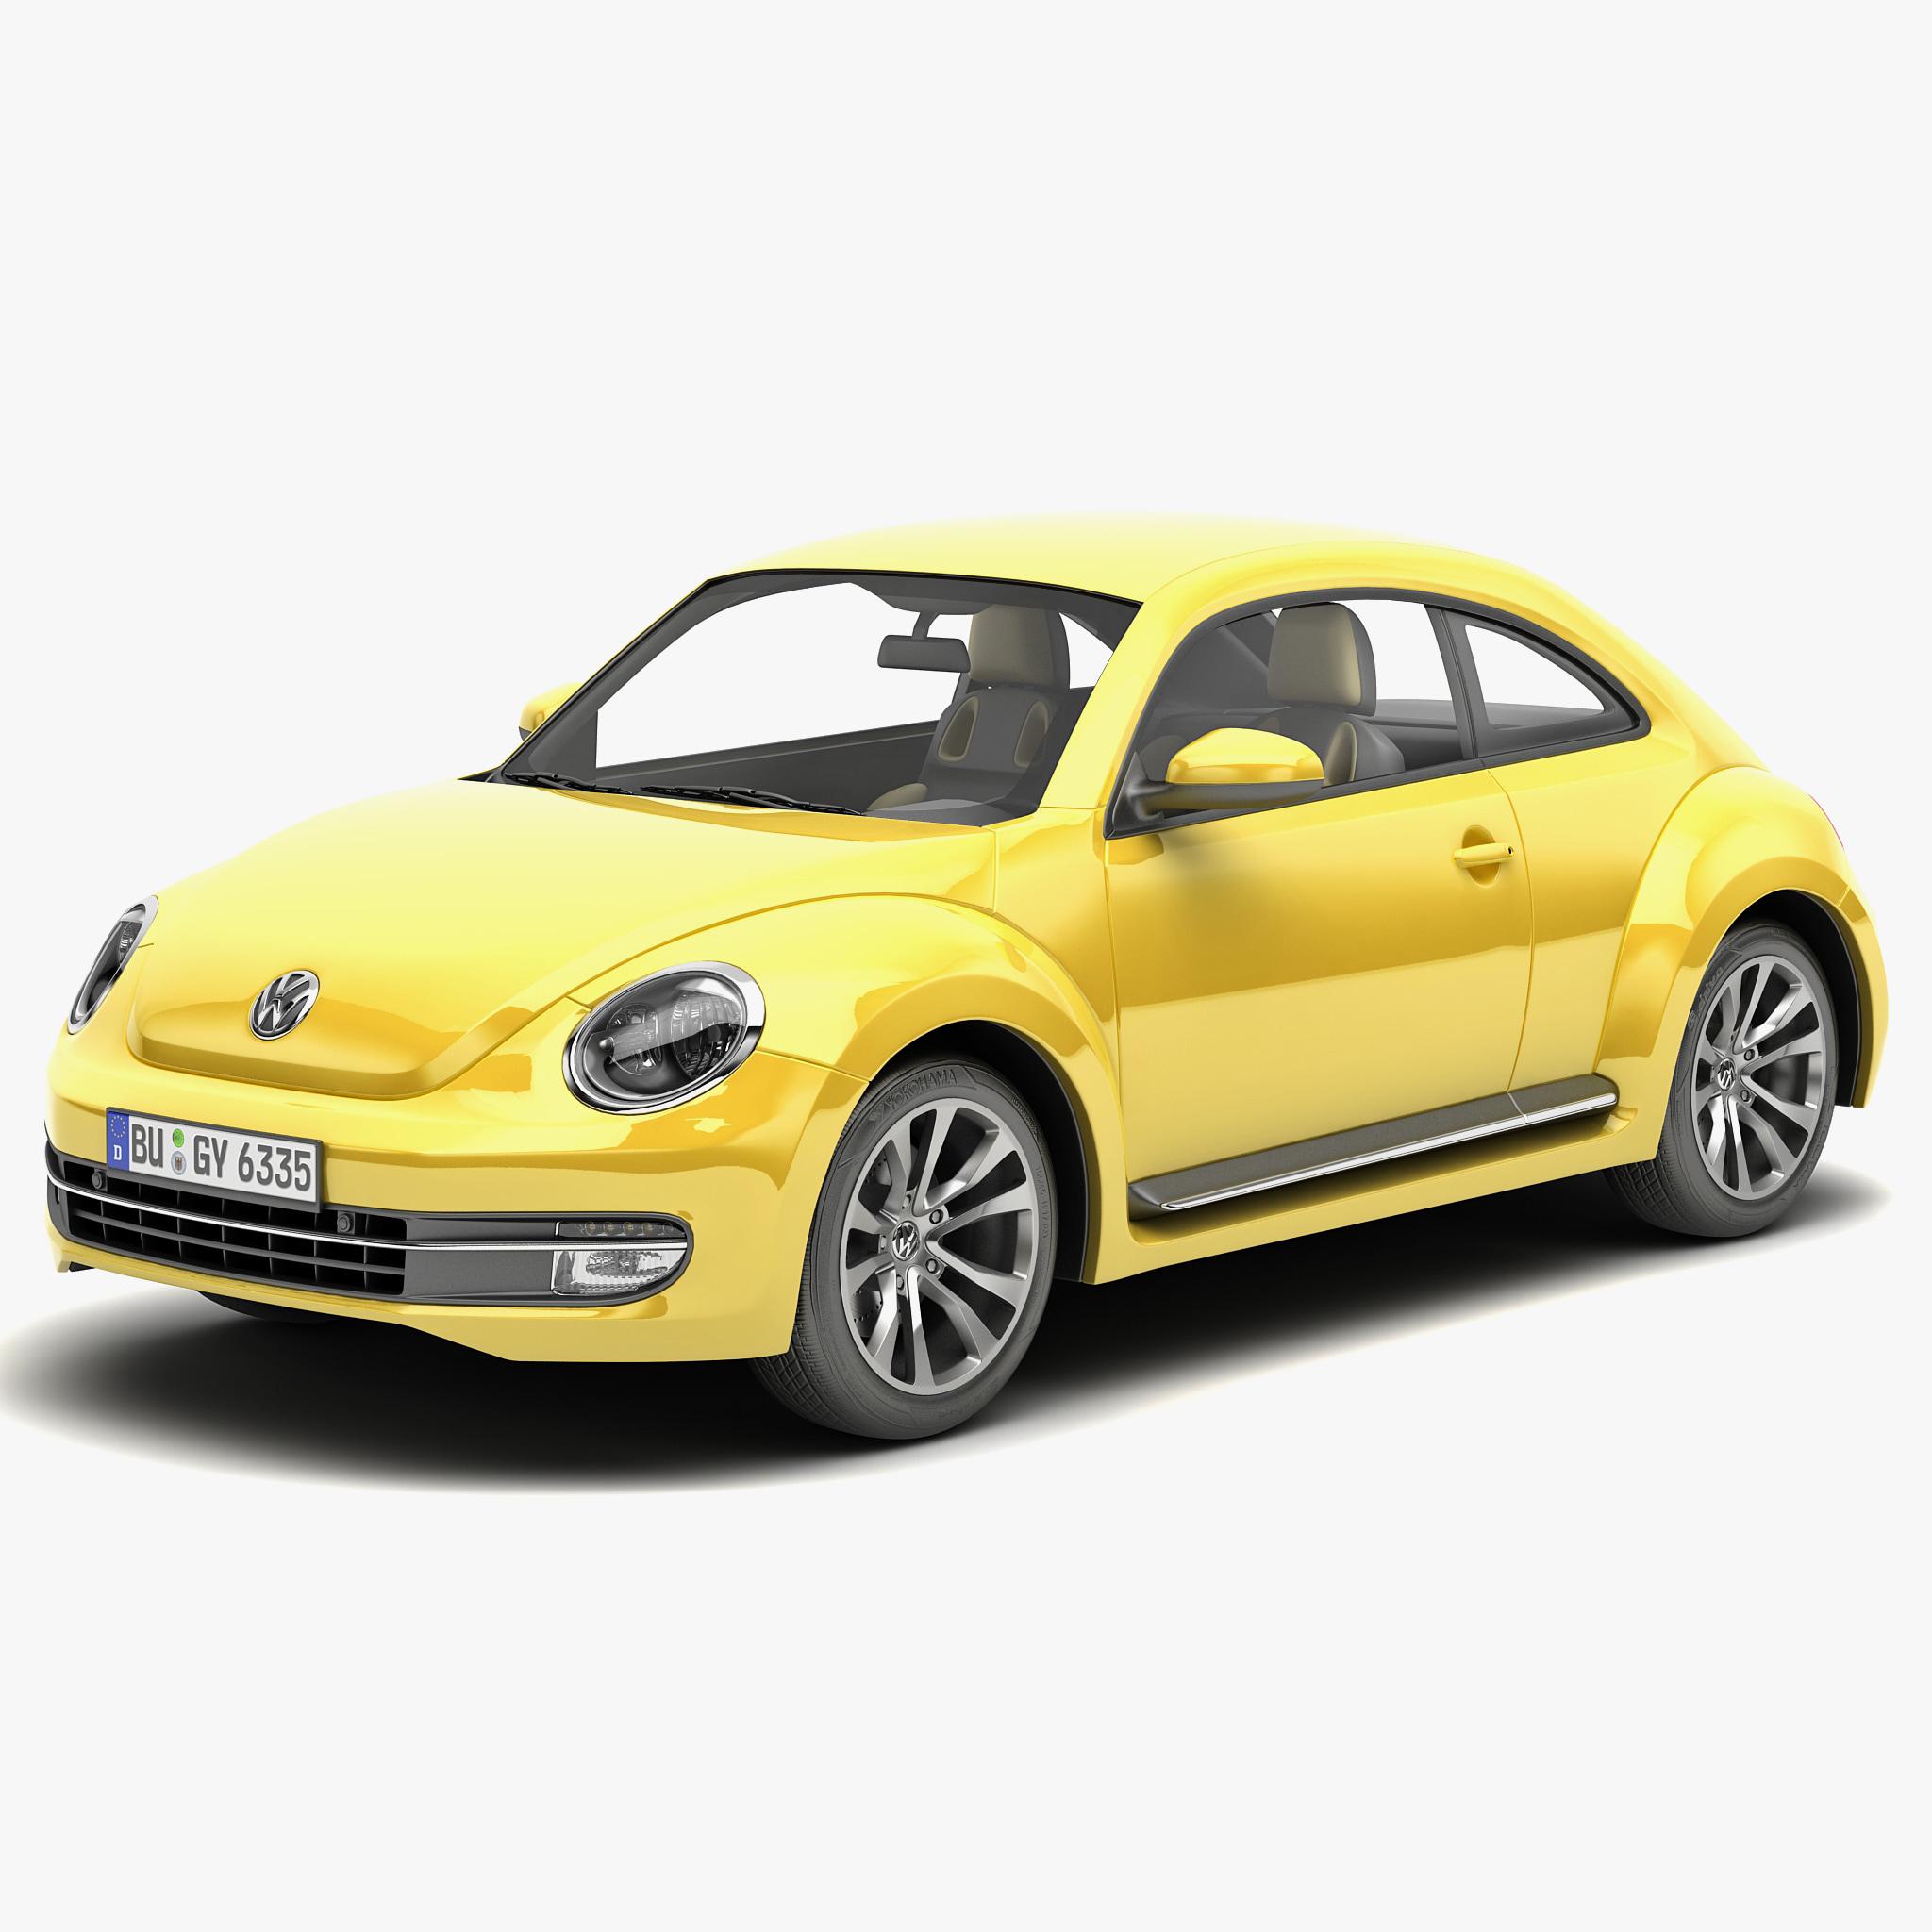 294693_Volkswagen_Beetle_2012___0001.jpg